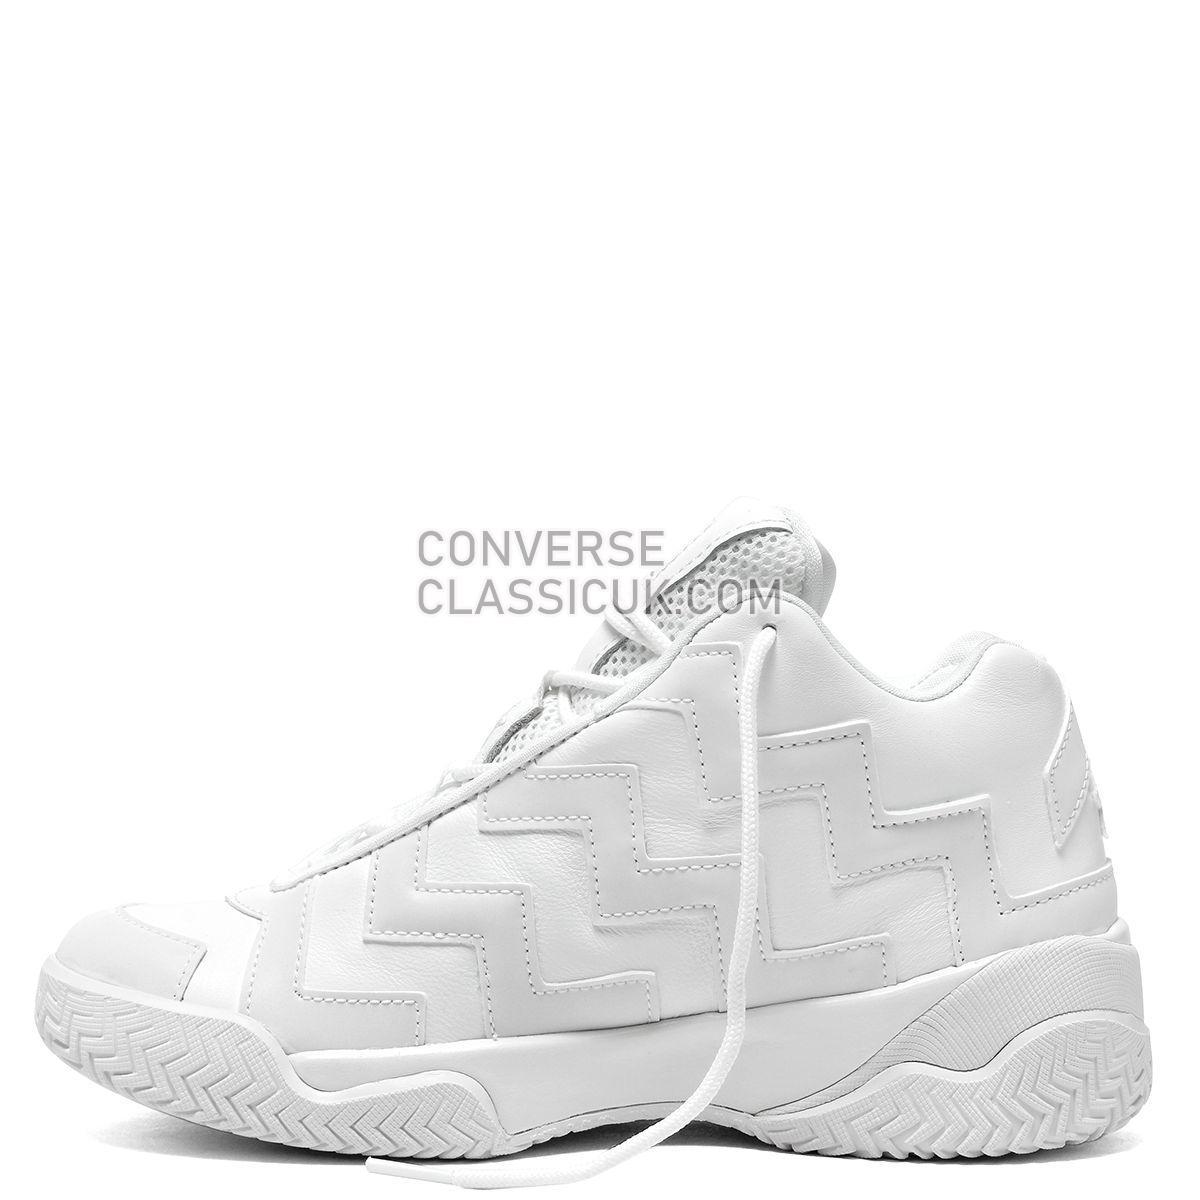 Converse Chuck Taylor All Star VLTG Mission-V Mid White Mono Womens 565062 White/White/White Shoes